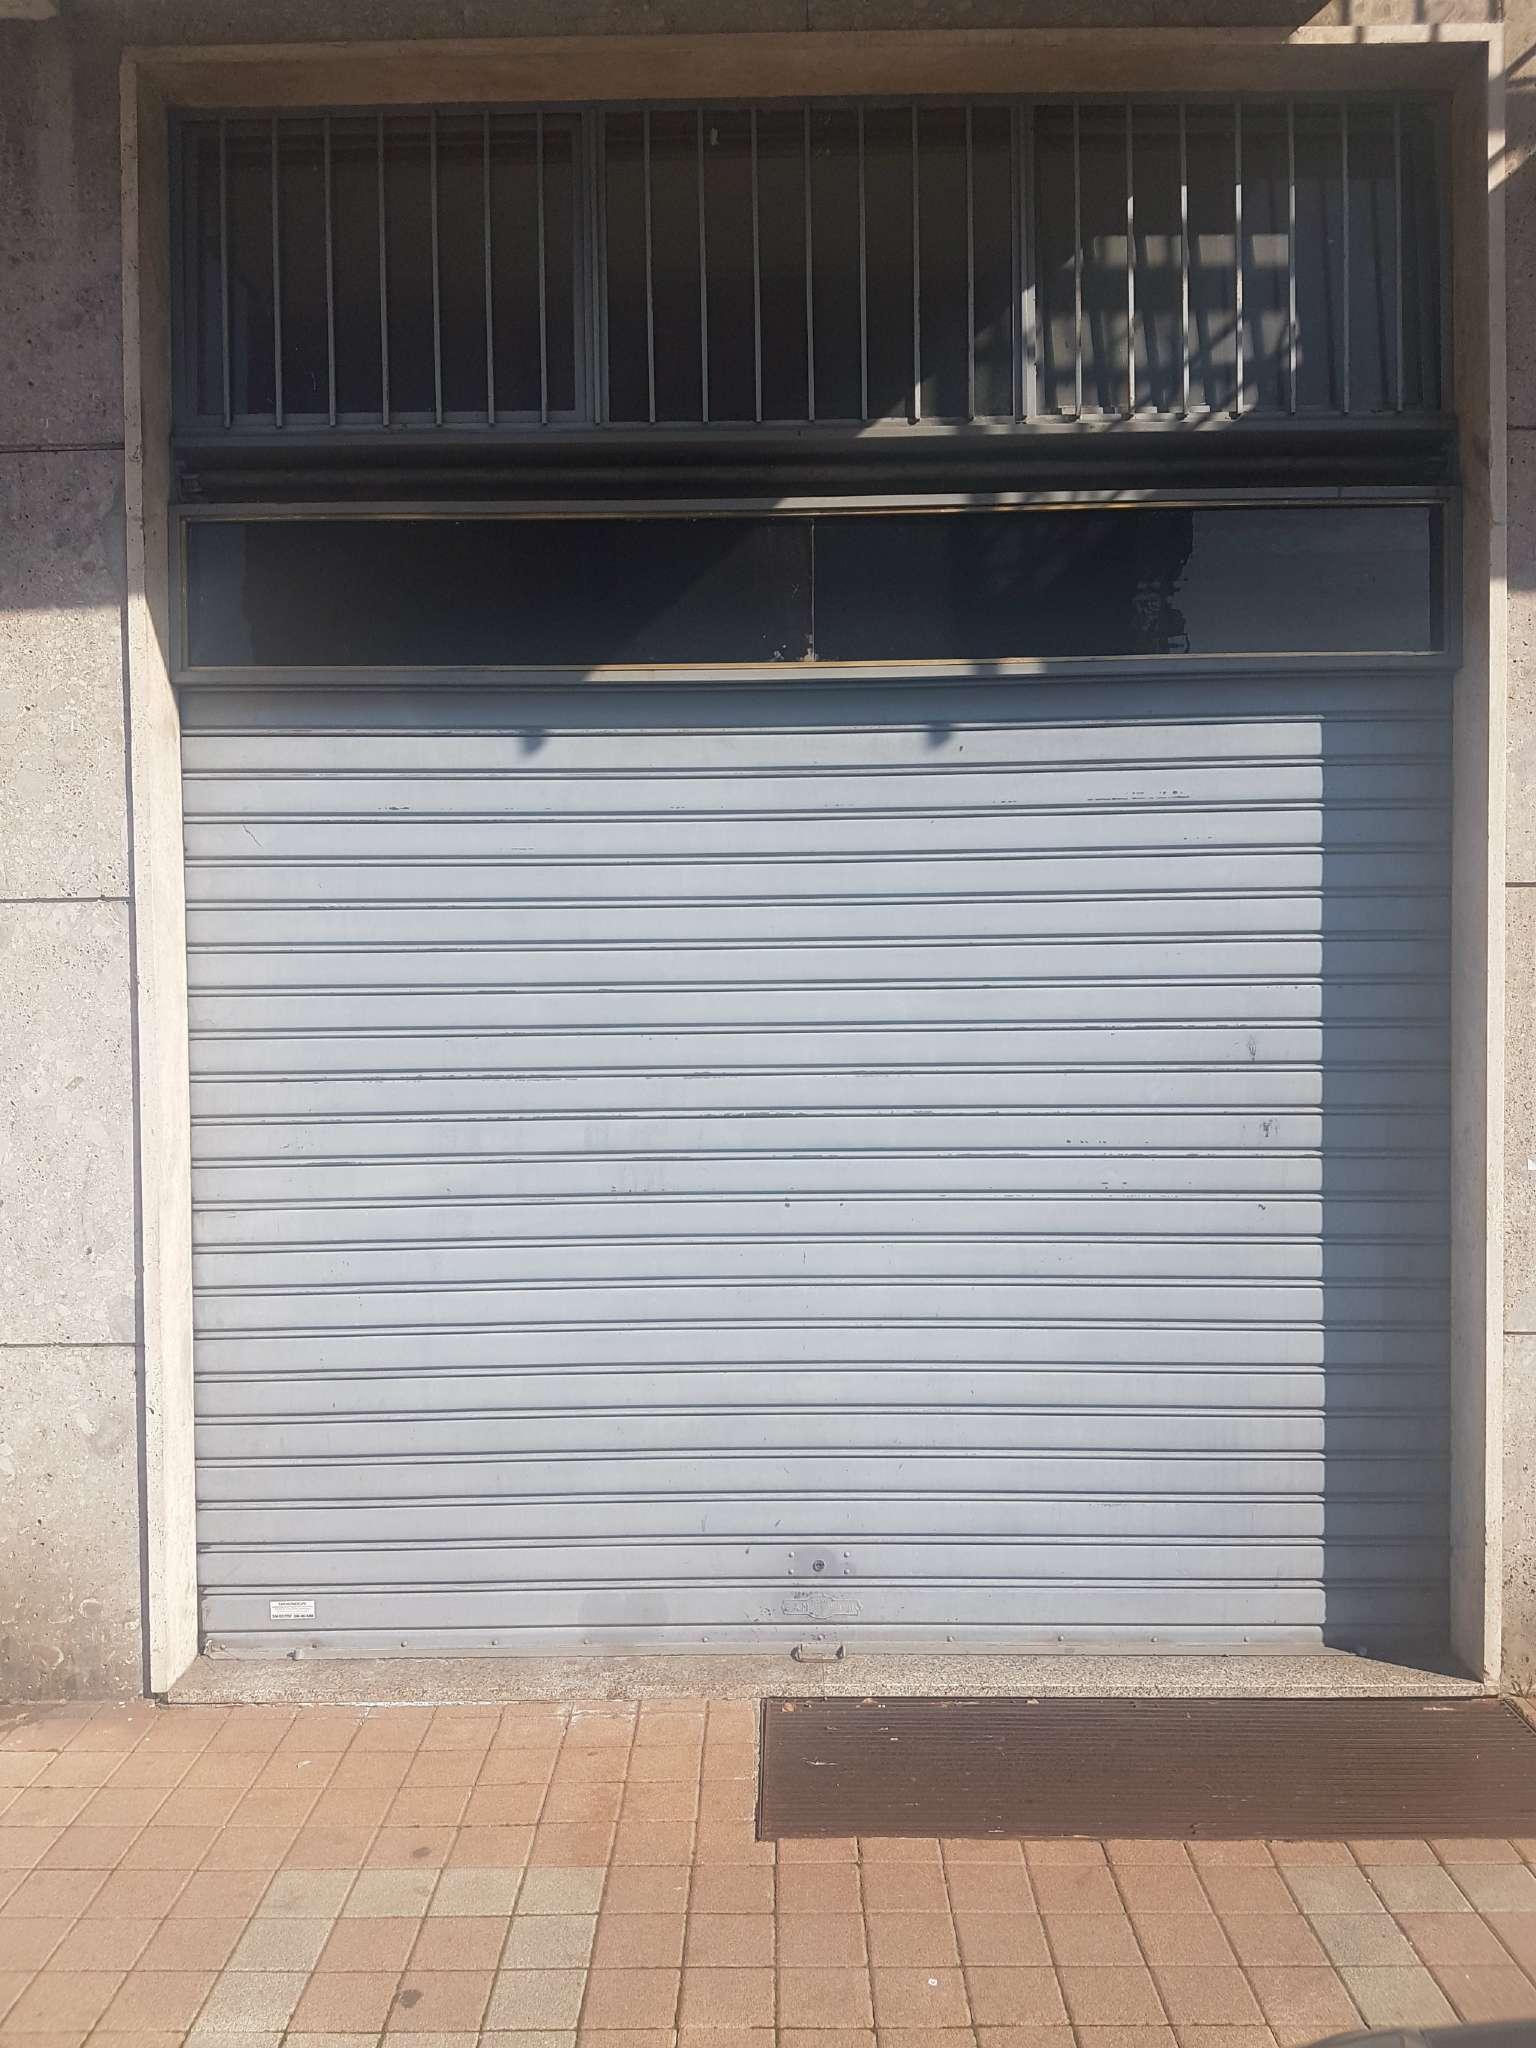 Negozio / Locale in vendita a Rozzano, 1 locali, prezzo € 135.000 | CambioCasa.it